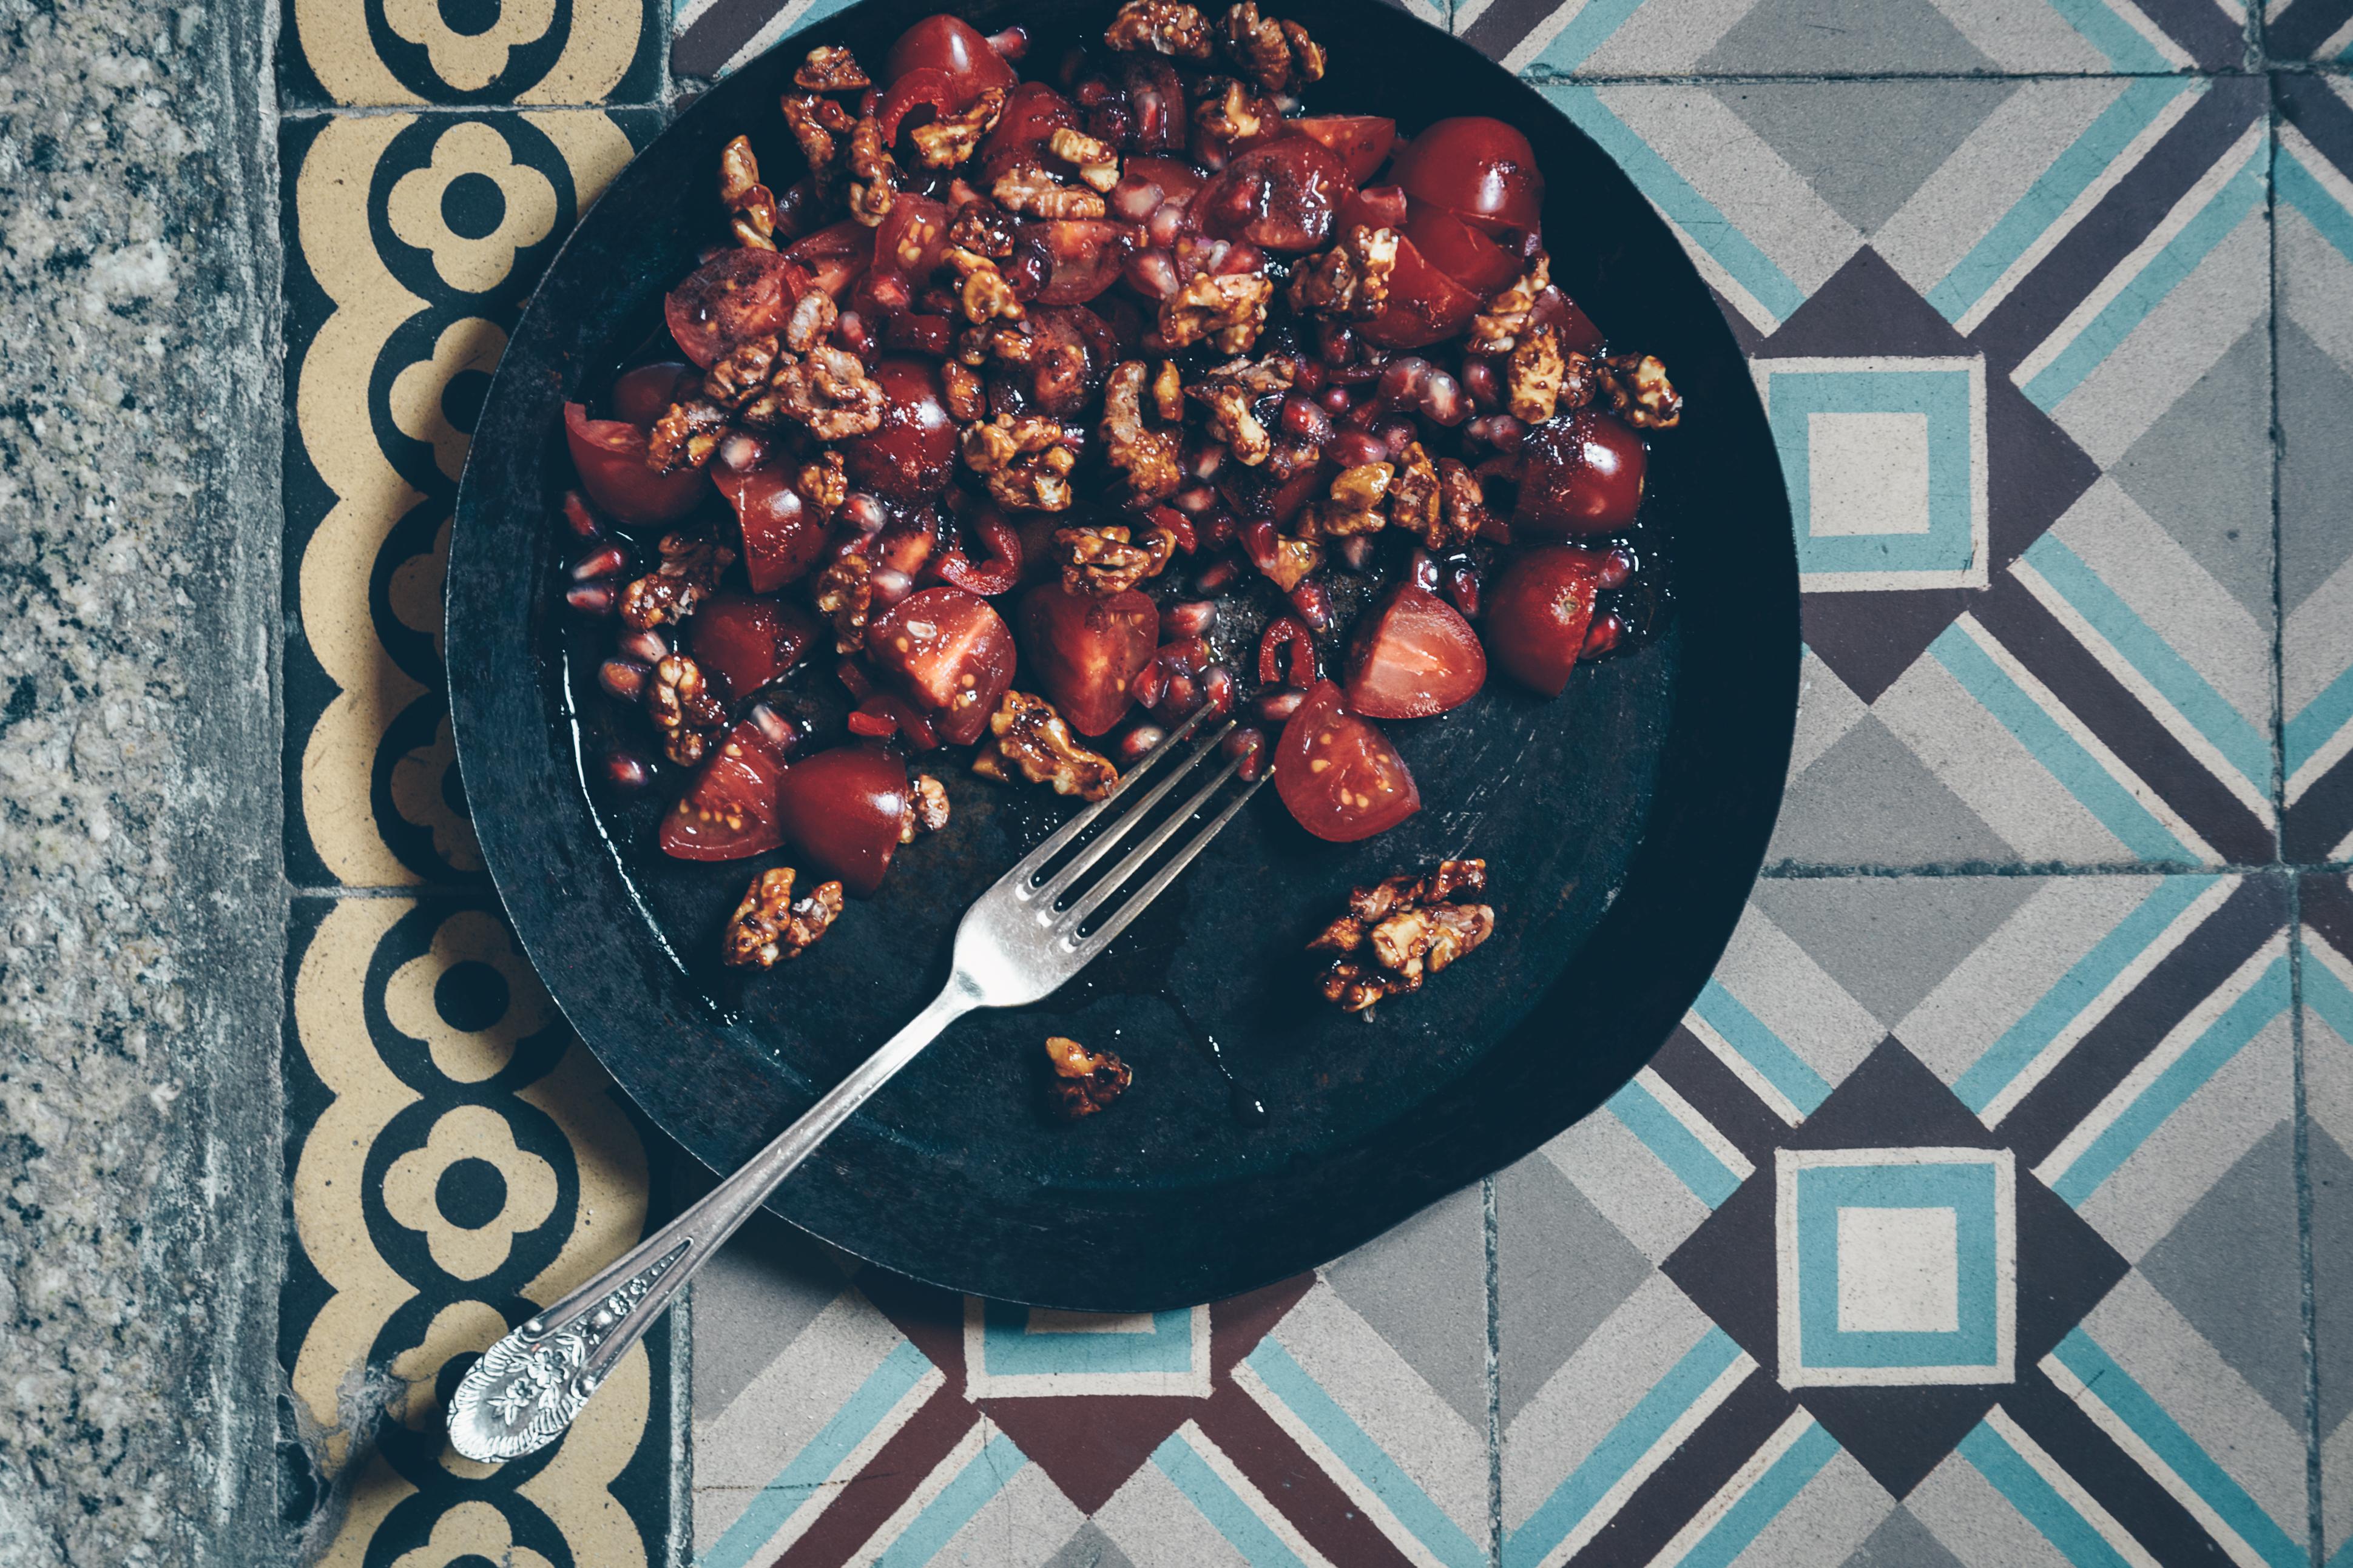 Tomatensalat mit Granatapfel und karamellisierten Baumnüssen an einem orientalischen Sumak-Dressing - Limon Rimon